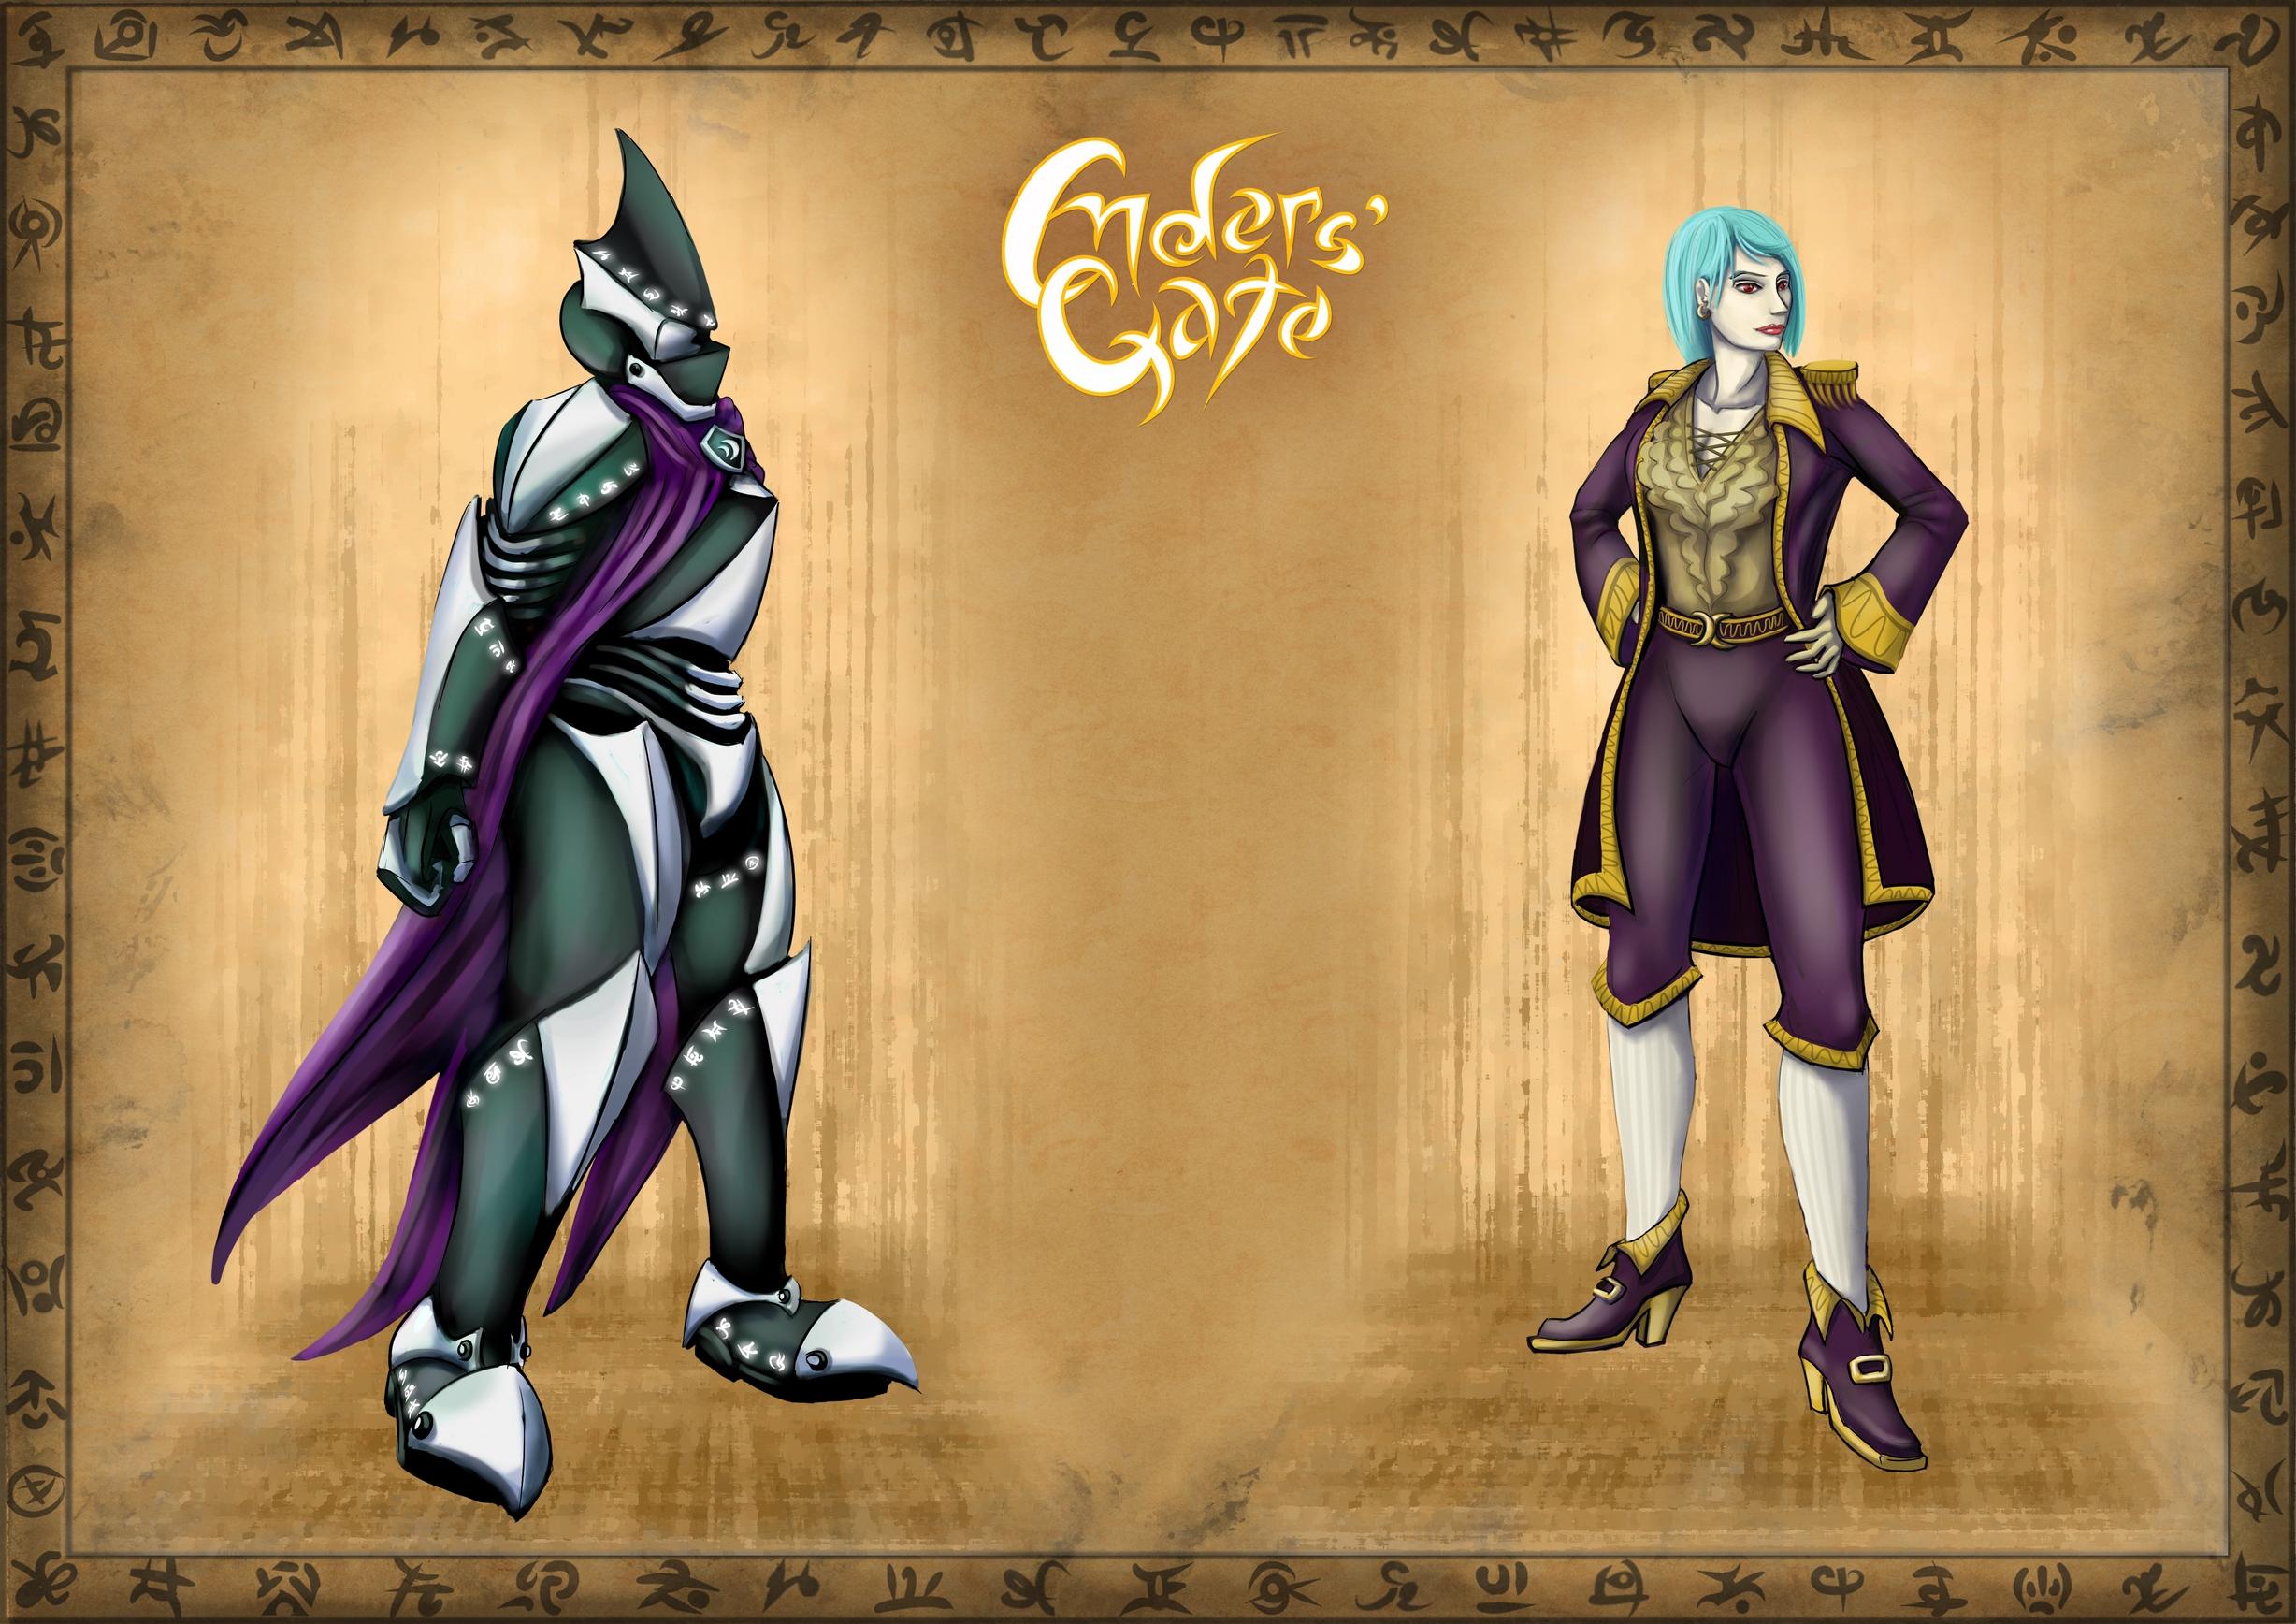 Enders' Gate: Iga